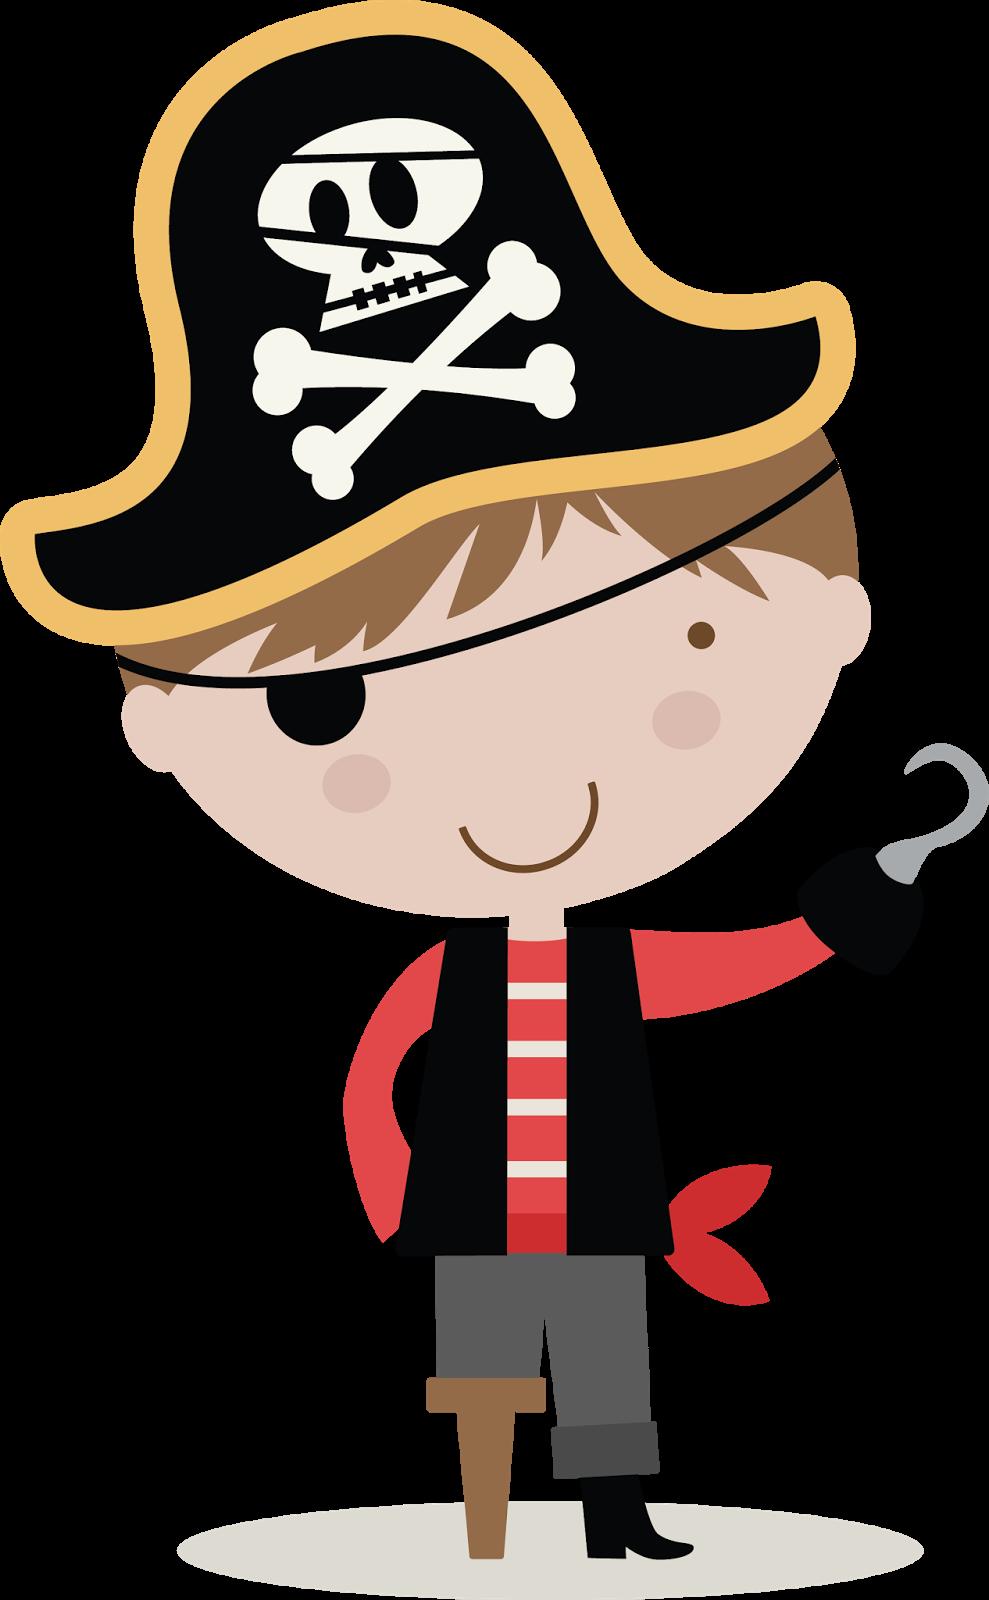 Cute Pirate Clipart-Cute Pirate Clipart-5